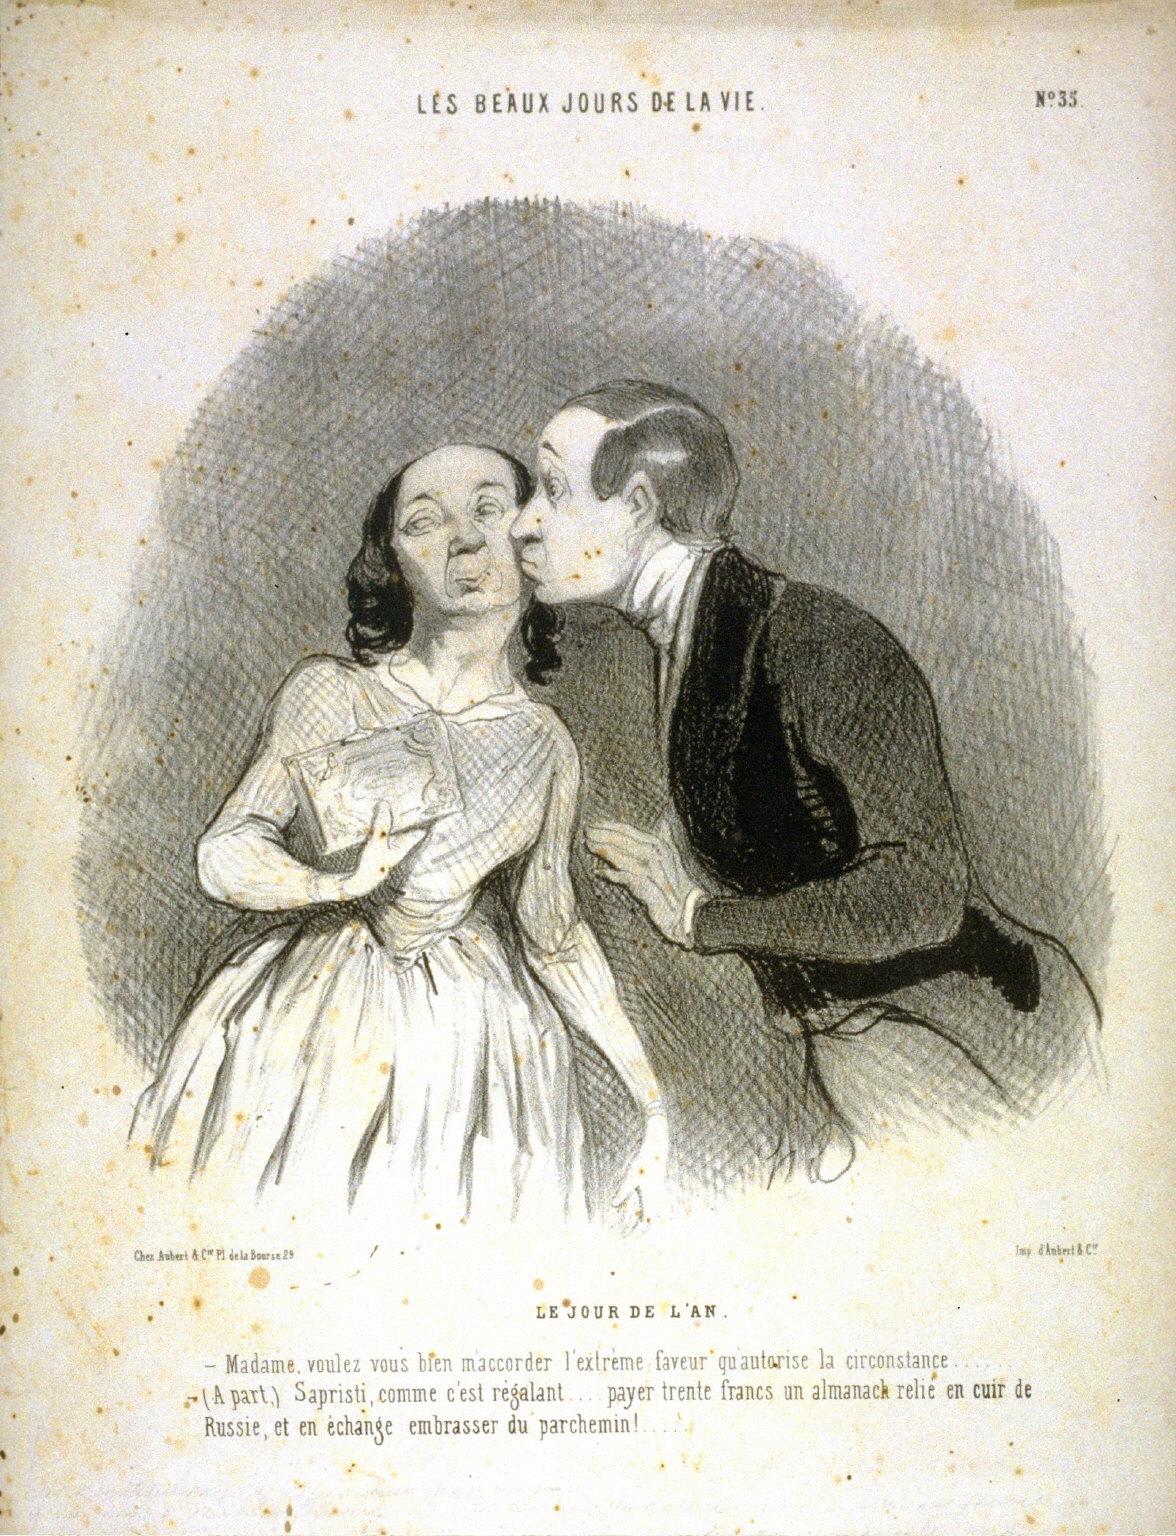 LE JOUR DE LAN, no. 35 from the series LES BEAUX JOURS DE LA VIE., published in Le Charivari 27 November 1844